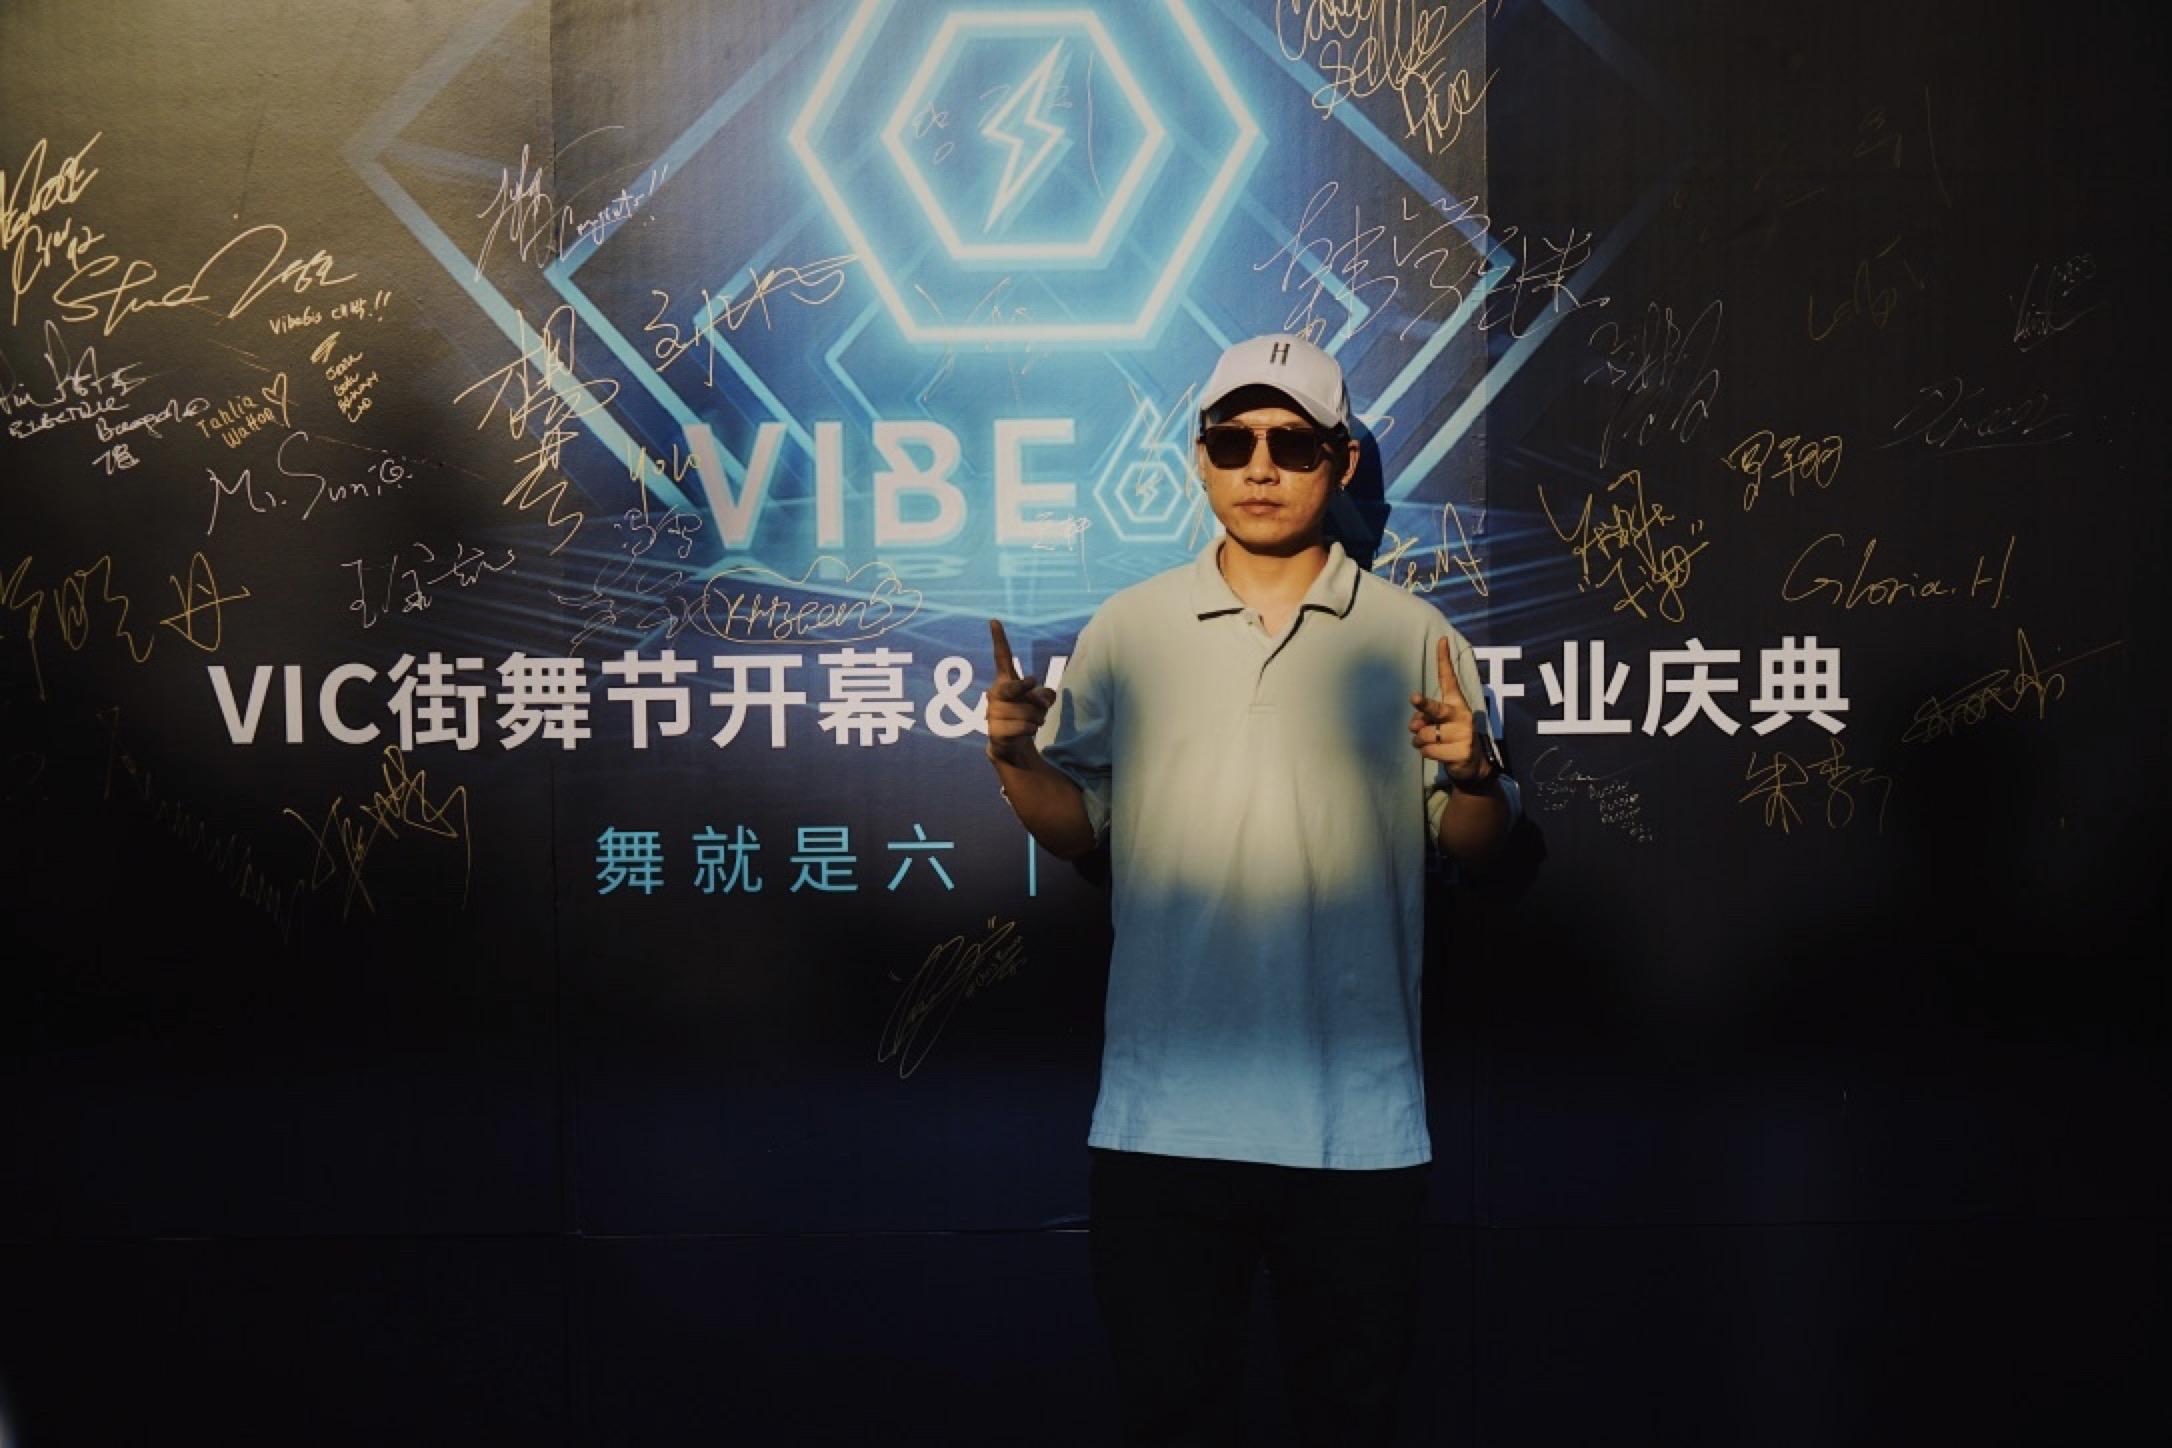 首届VIC街舞节开幕 国际全明星阵容助阵